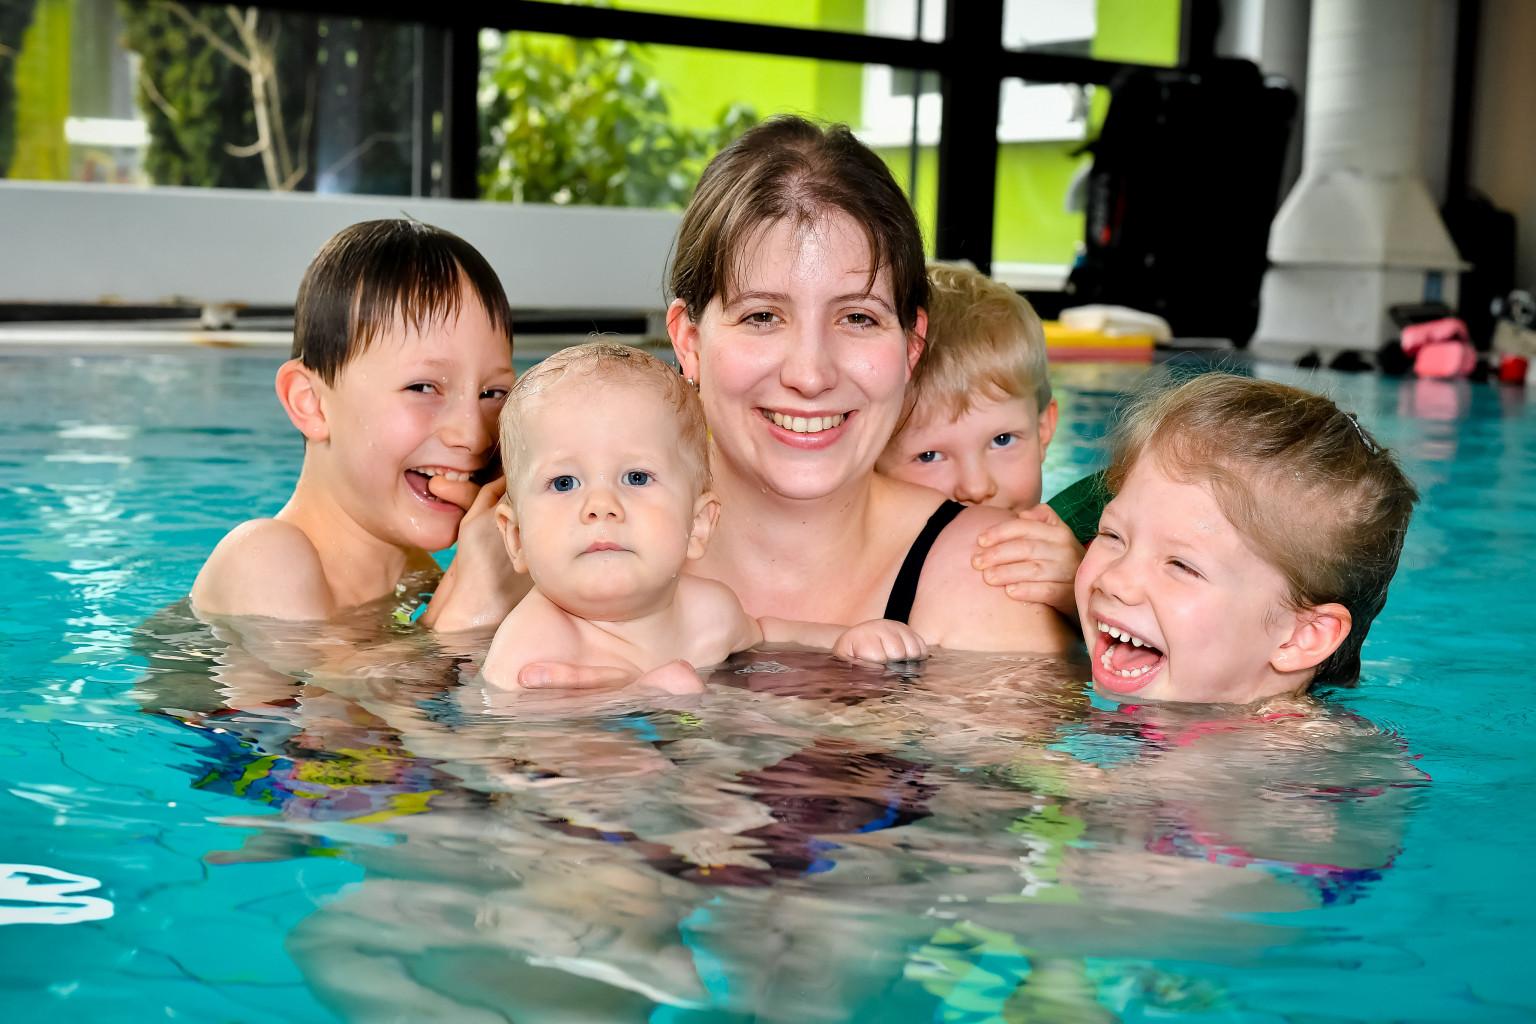 Richtig Schwimmen lernen für Kinder – Tipps vom Profi